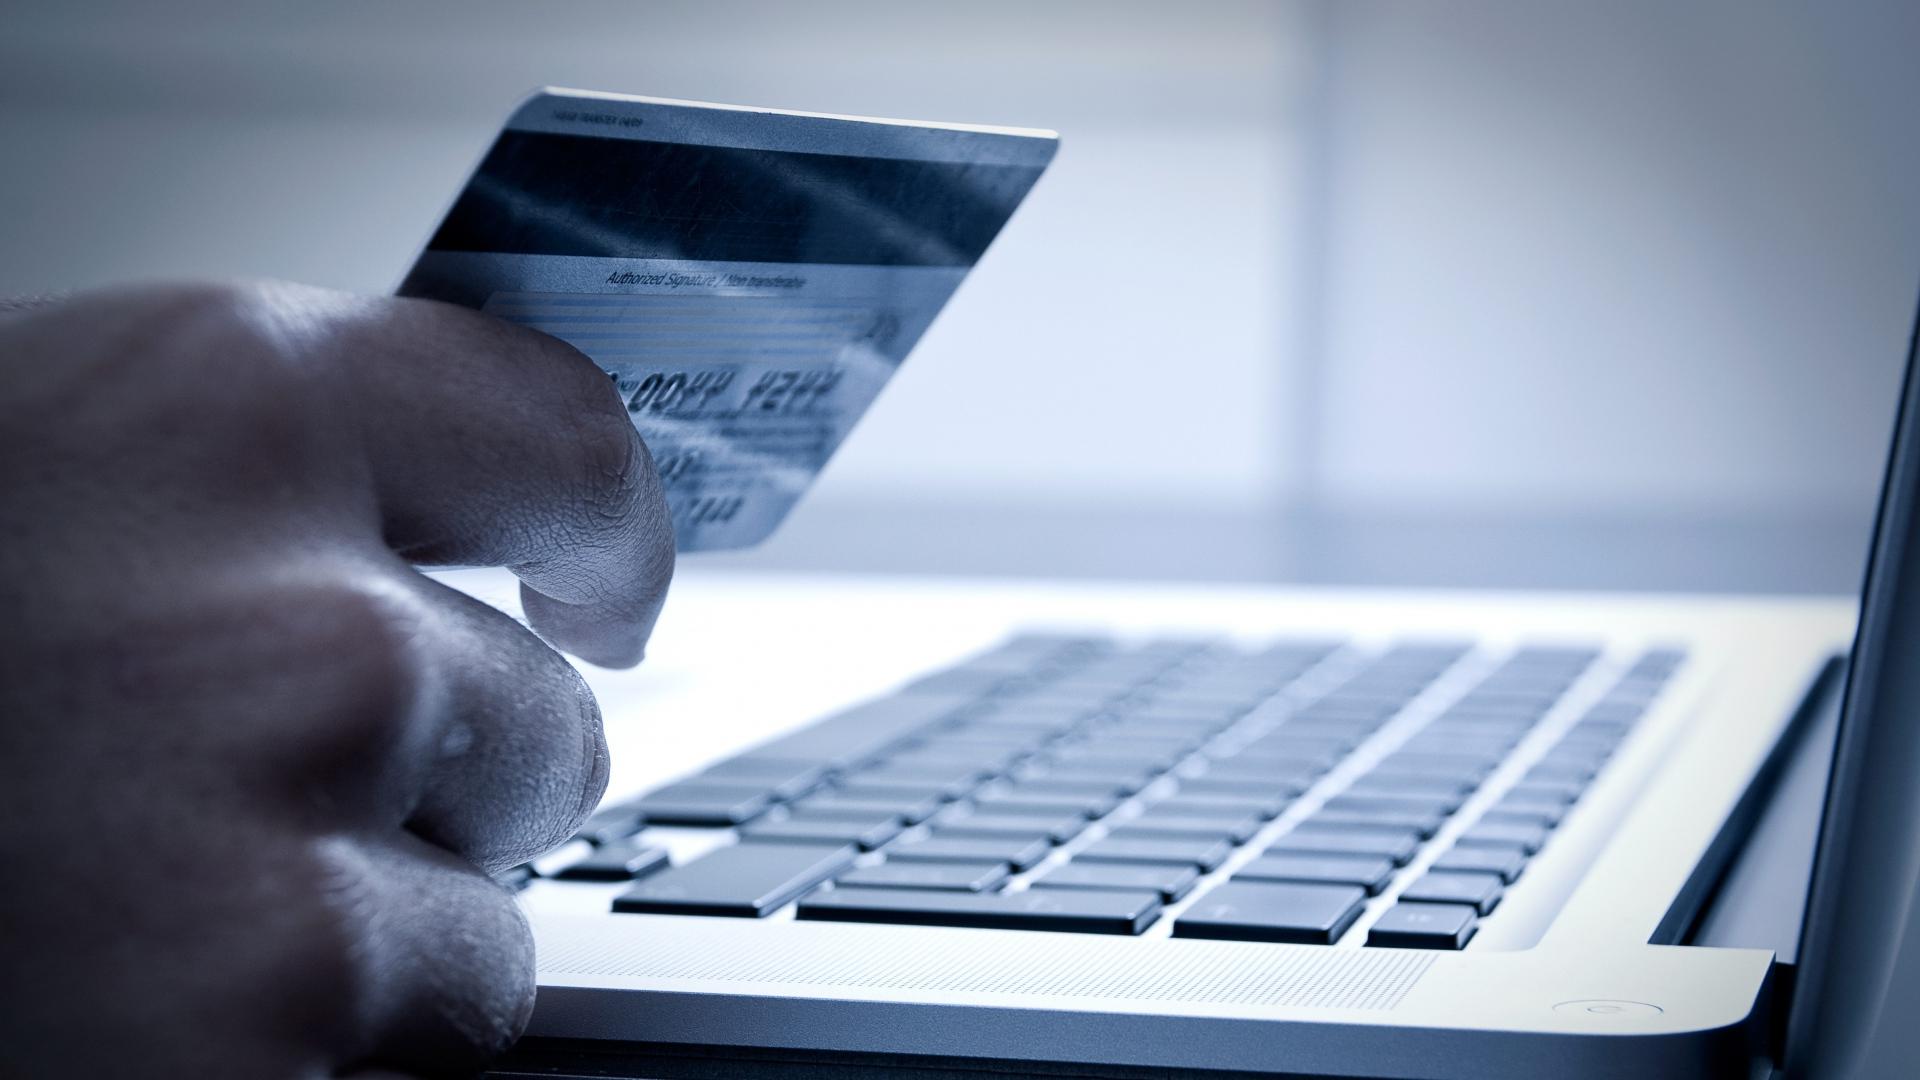 stanchart ghana online banking, scb ghana online banking, standard chartered bank online banking ghana, merchant bank ghana online banking, history of banking in ghana, rural banking in ghana, mobile banking in ghana, internet banking in ghana,